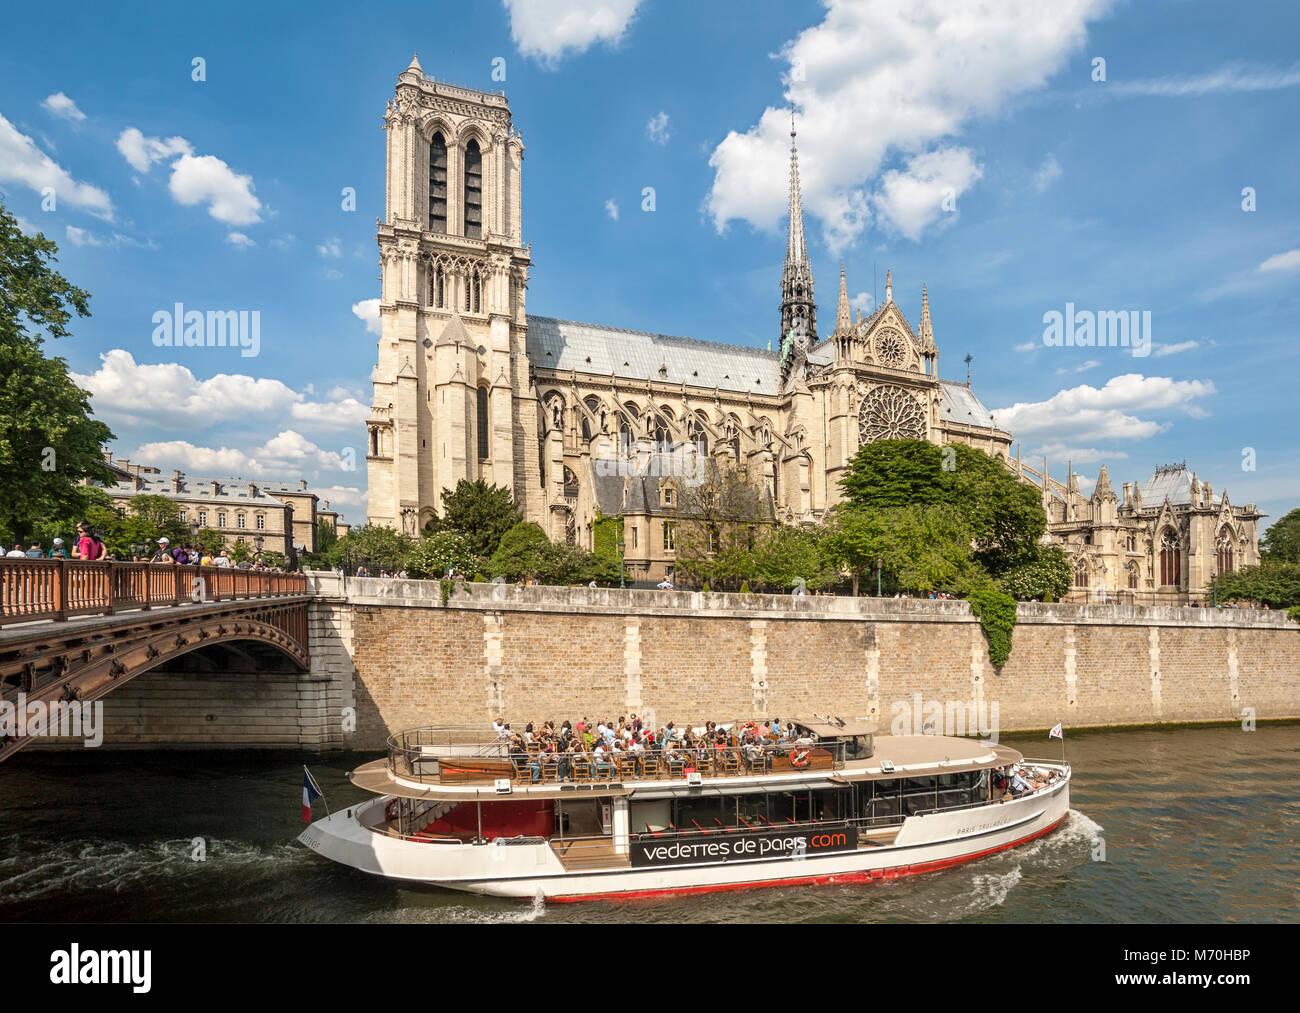 PARIS, FRANCE:  Bateaux Mouche on the River Seine passing Notre-Dame Cathedral on the Ile de la Cite - Stock Image